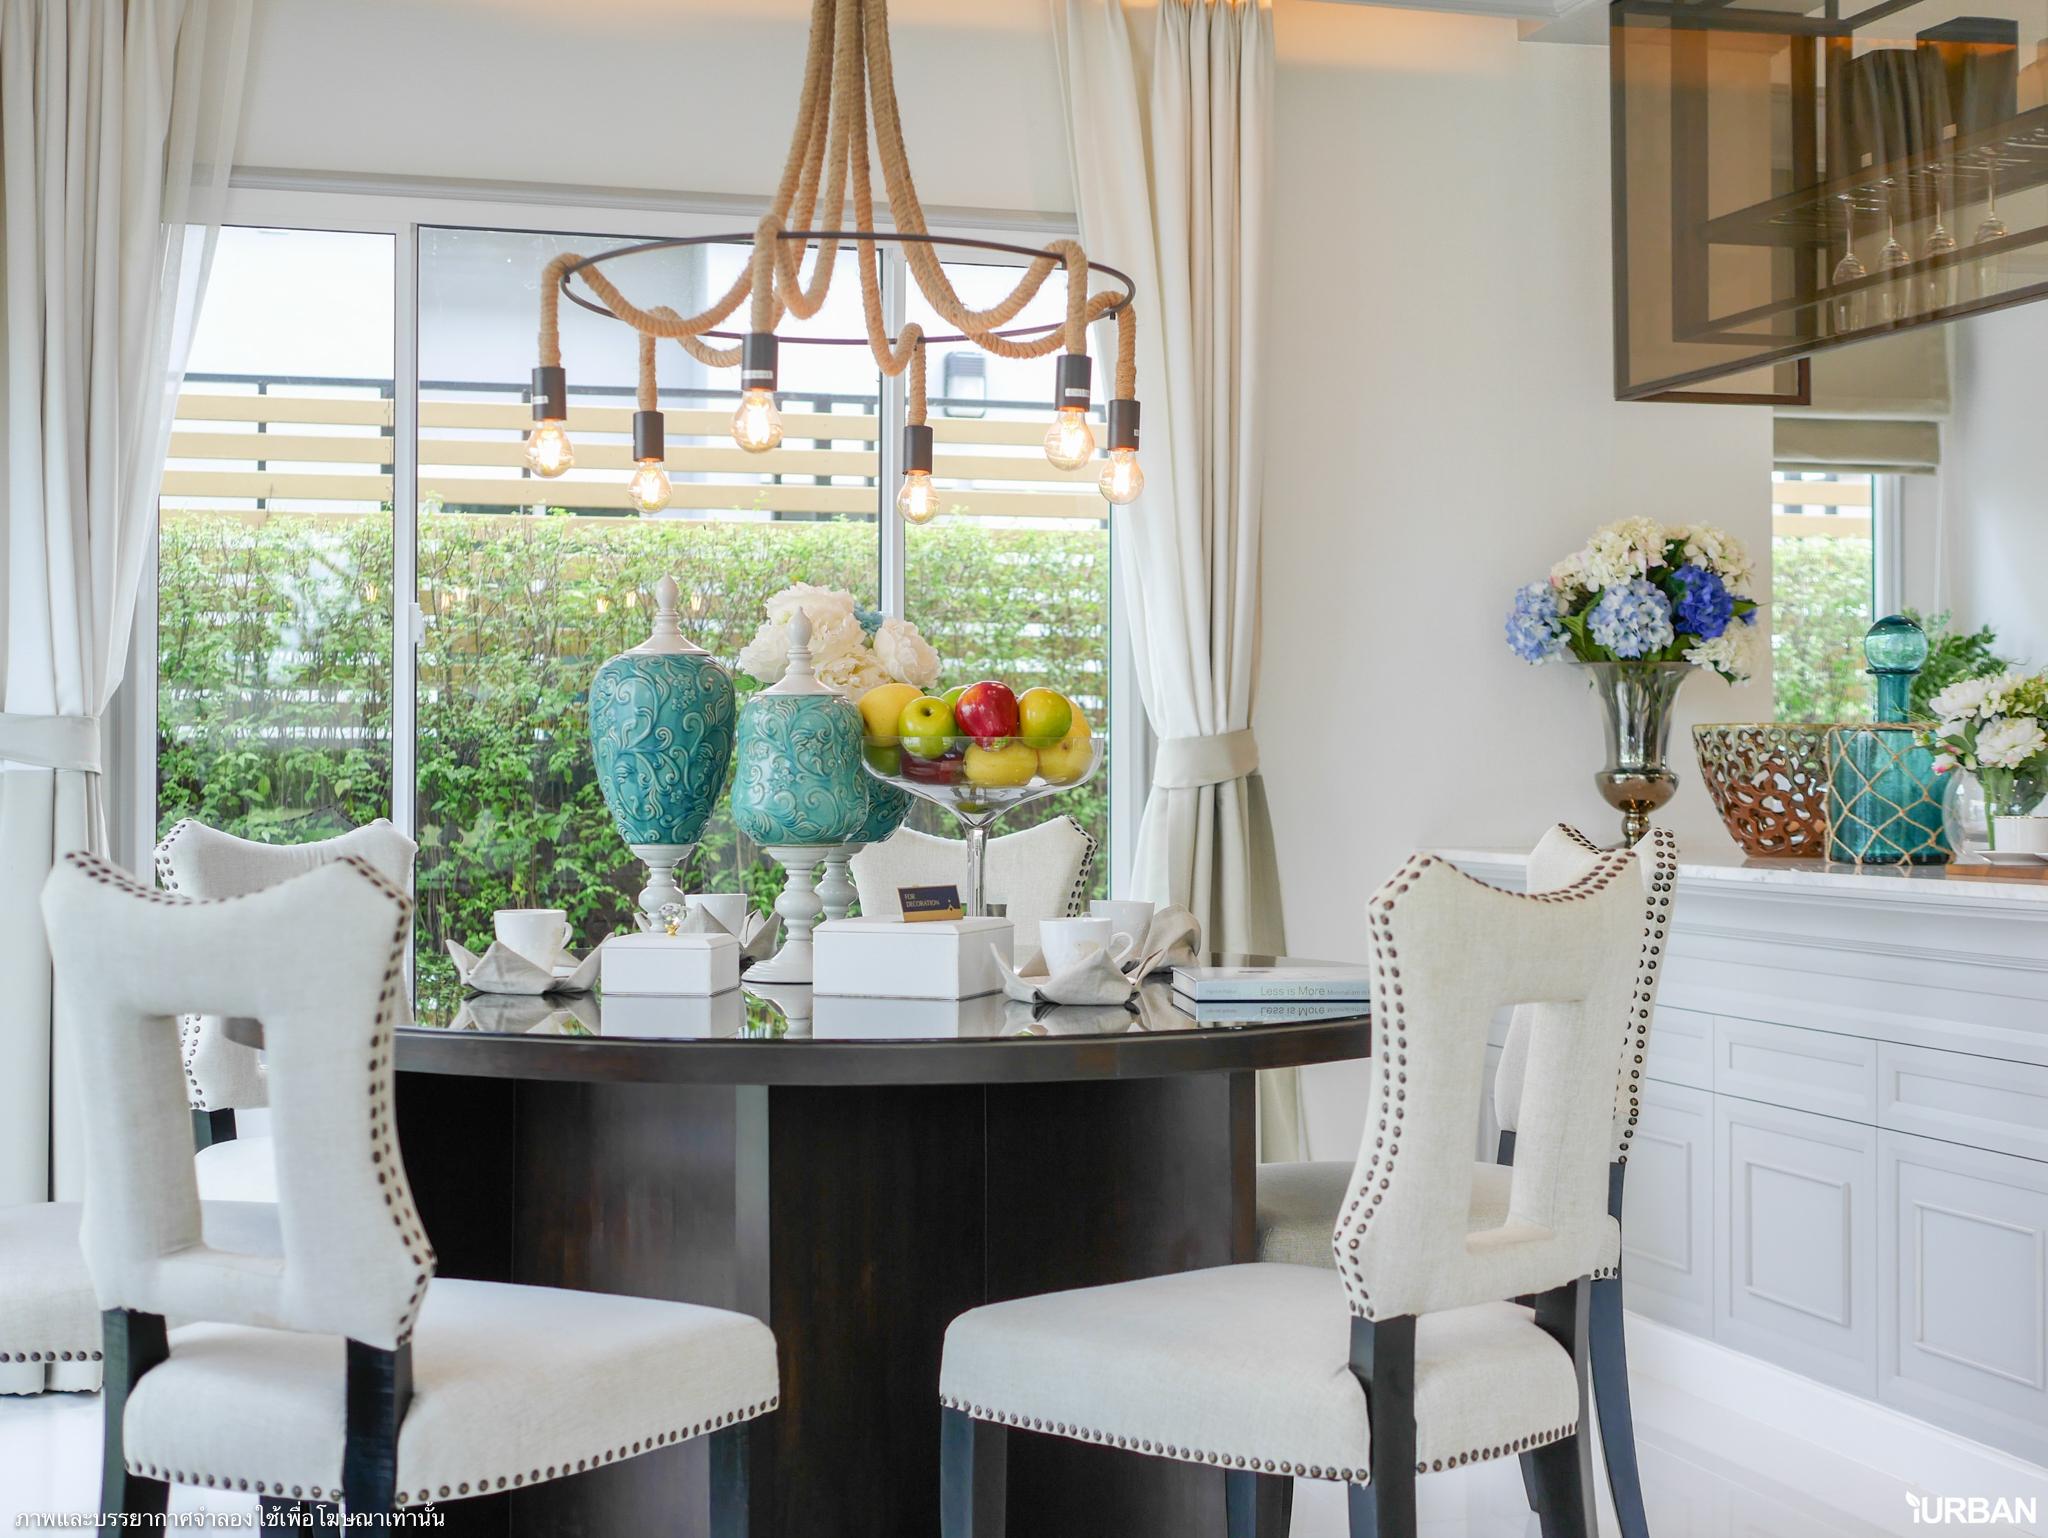 รีวิวบ้าน Passorn Prestige จตุโชติ-วัชรพล บ้านเดี่ยวดีไซน์ Art Nouveau ผสมความ Modern Classic เริ่ม 4.49 ล้าน 81 - house